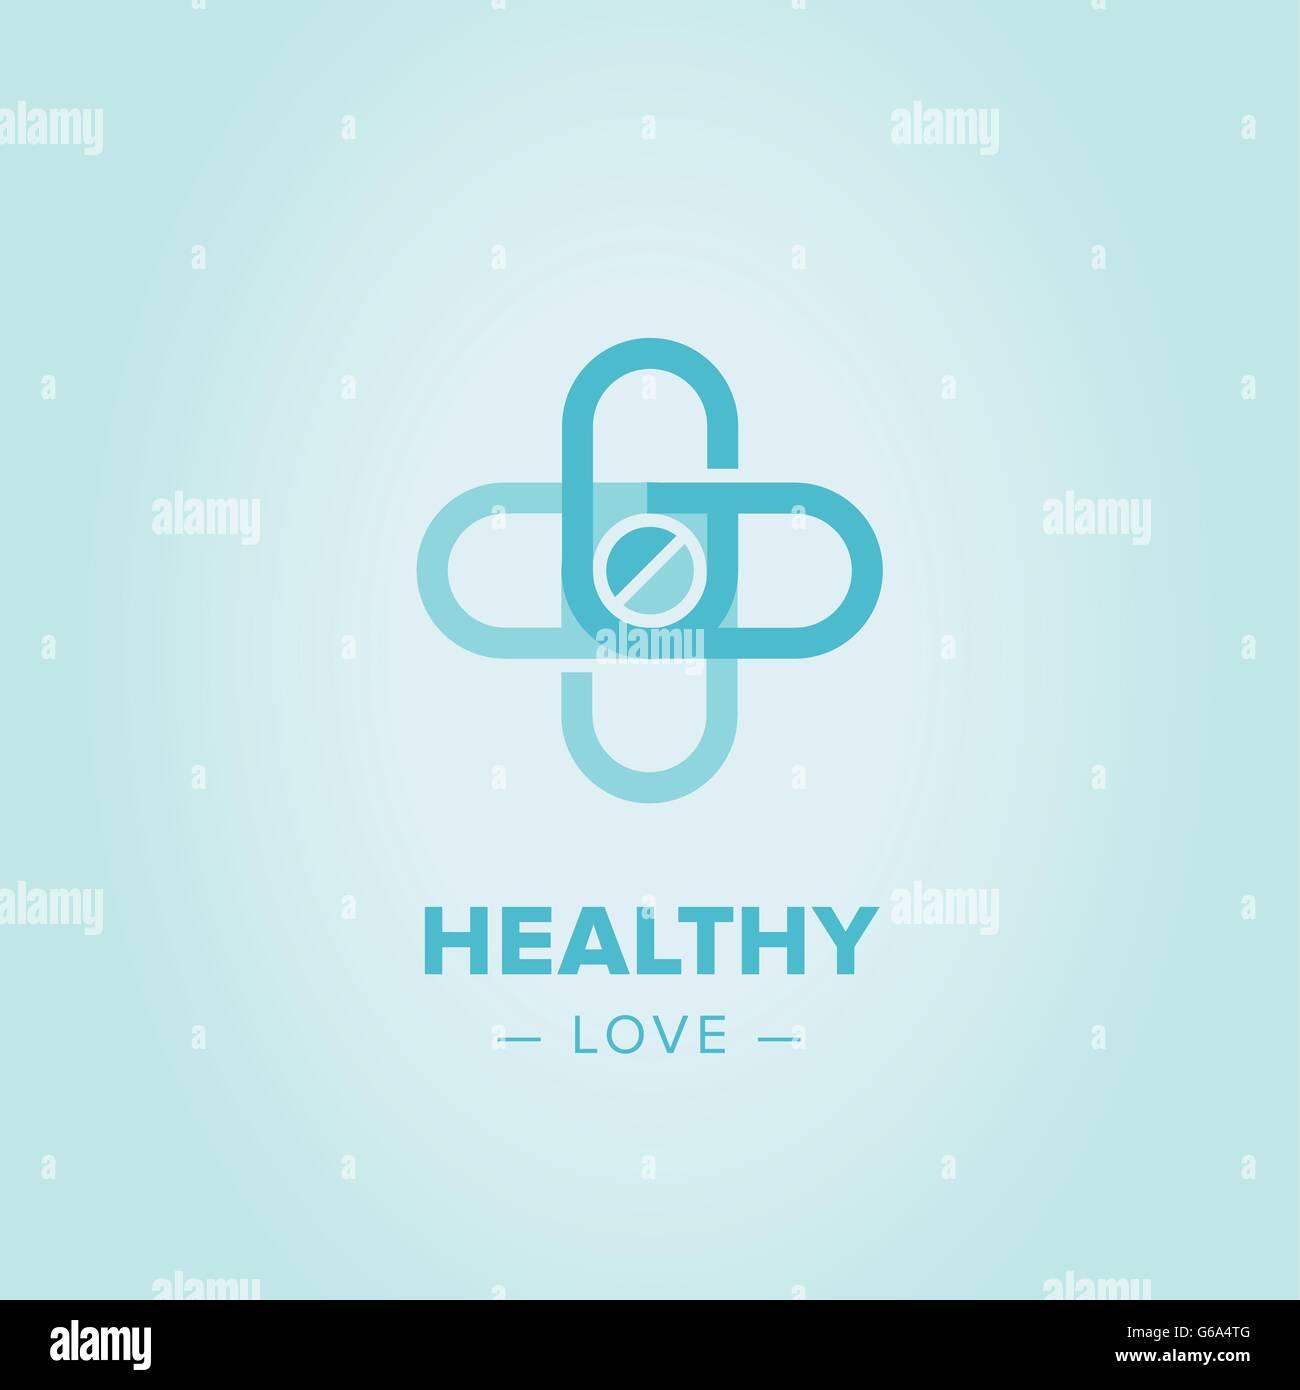 medic cross logo template stock vector art illustration vector